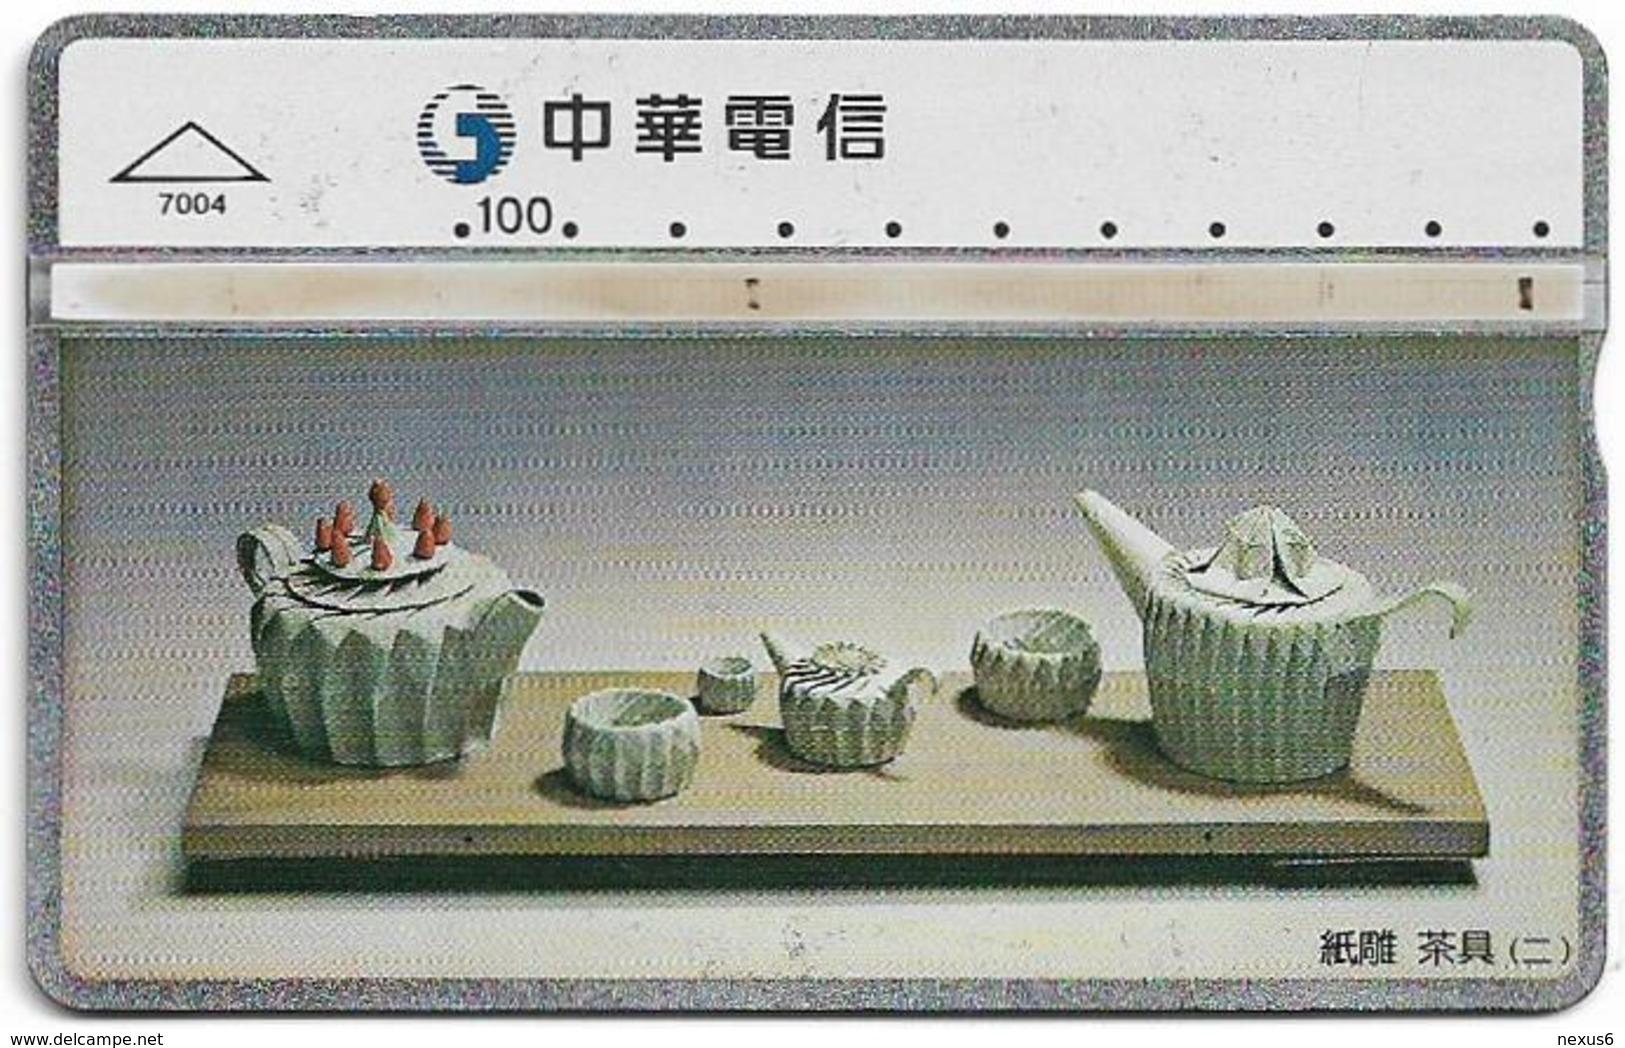 Taiwan - Chunghwa Telecom - L&G - Tea Set 2 - 694M - 1997, 100U, Used - Taiwán (Formosa)